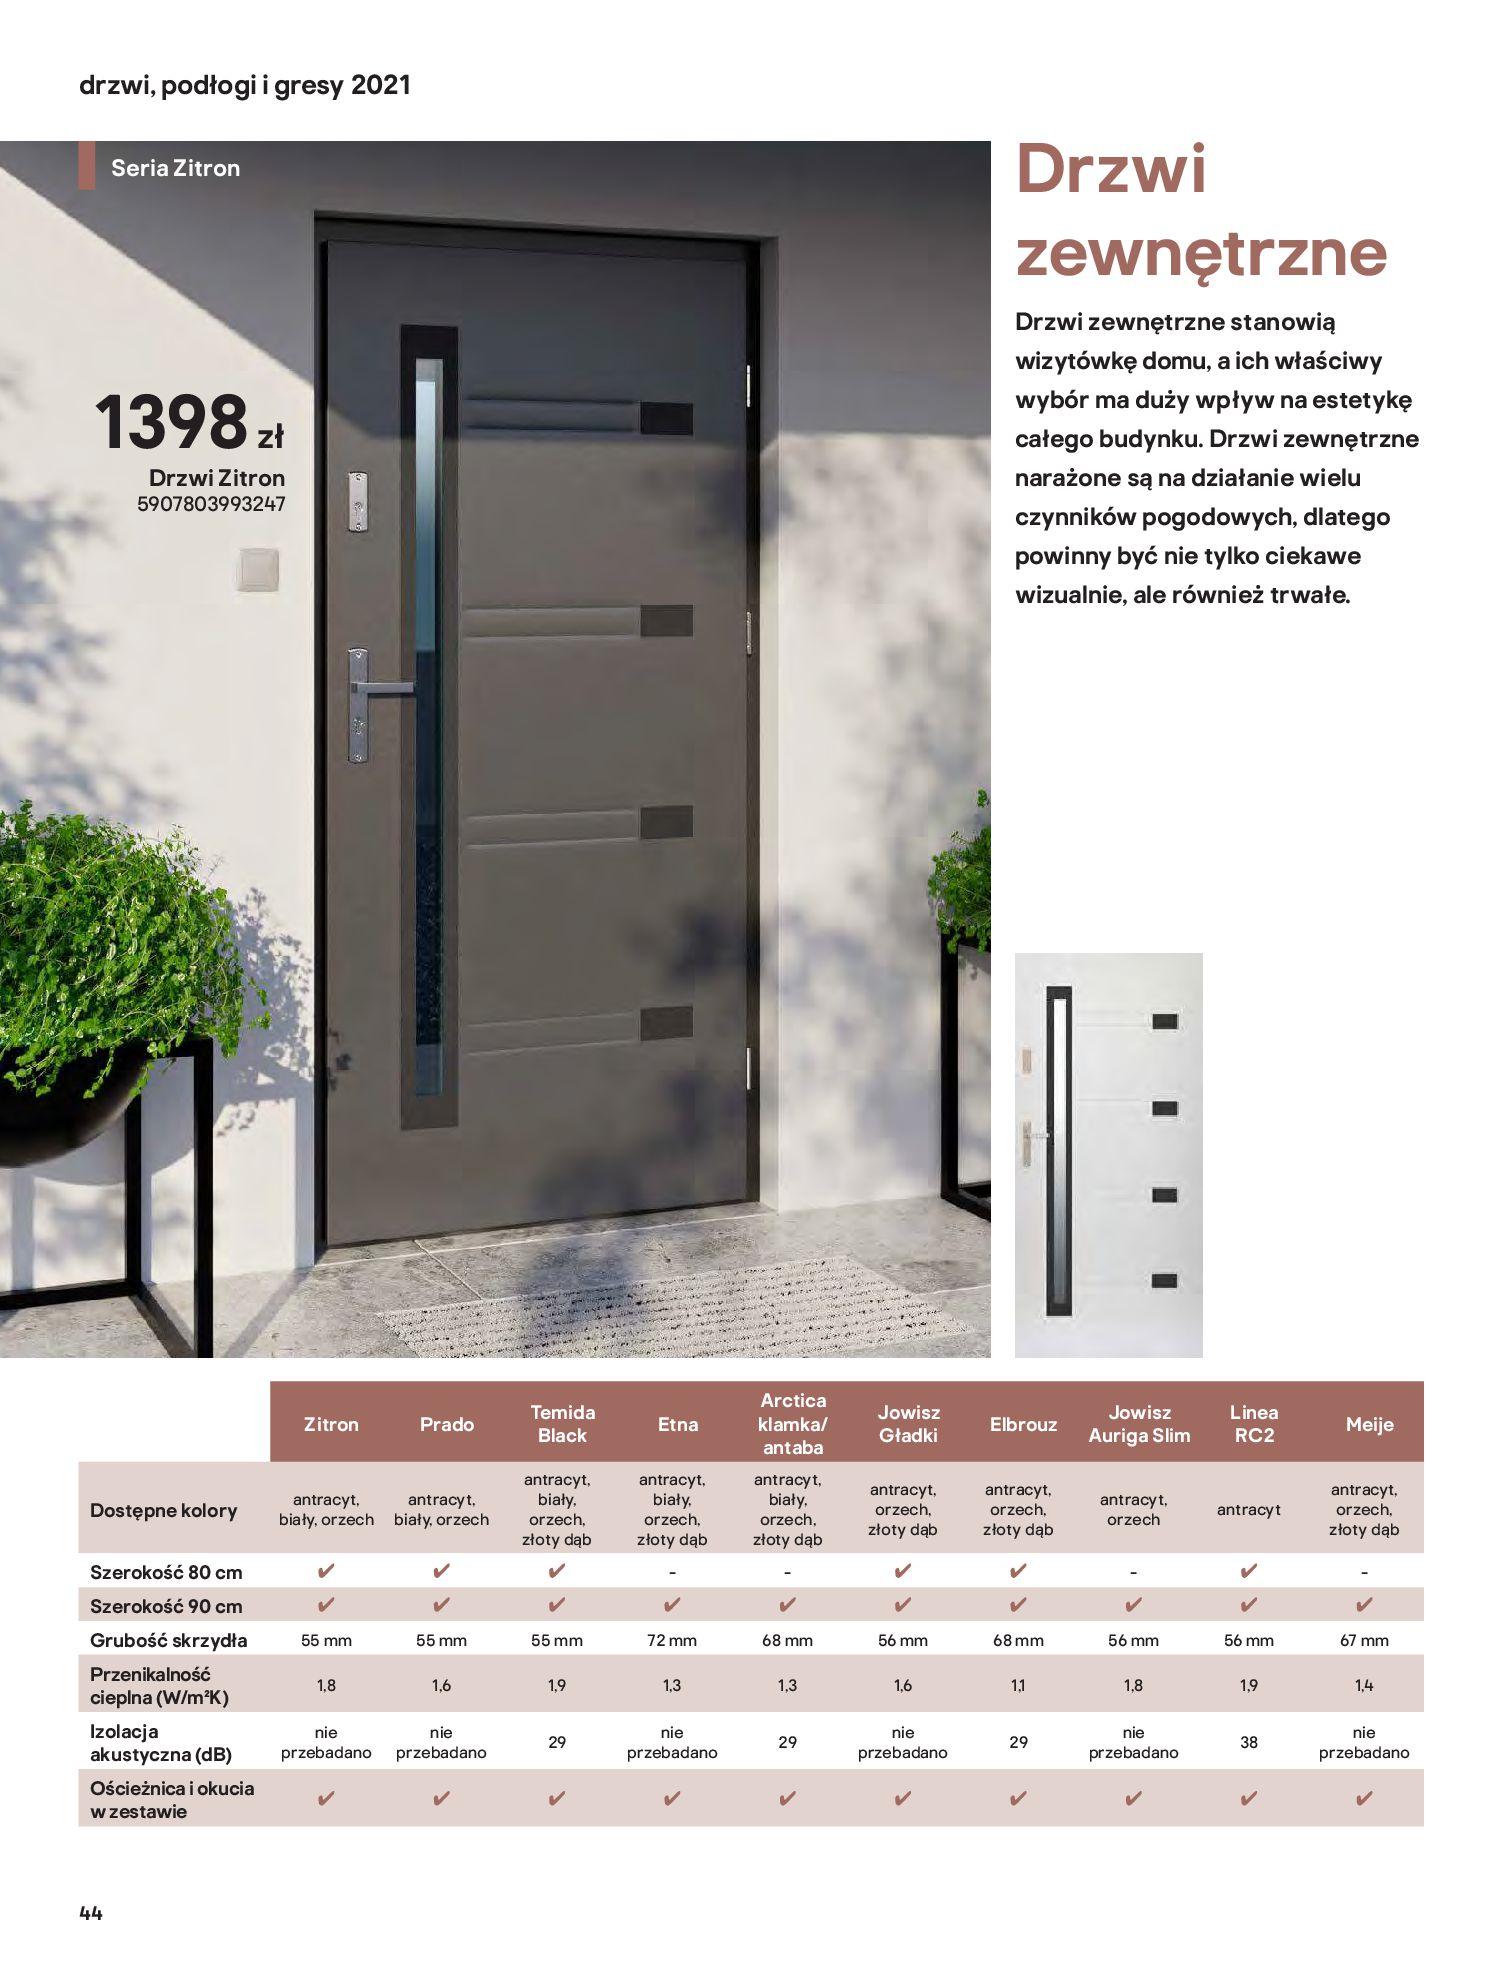 Gazetka Castorama: Gazetka Castorama - Przewodnik drzwi i podłogi 2021 2021-08-11 page-44